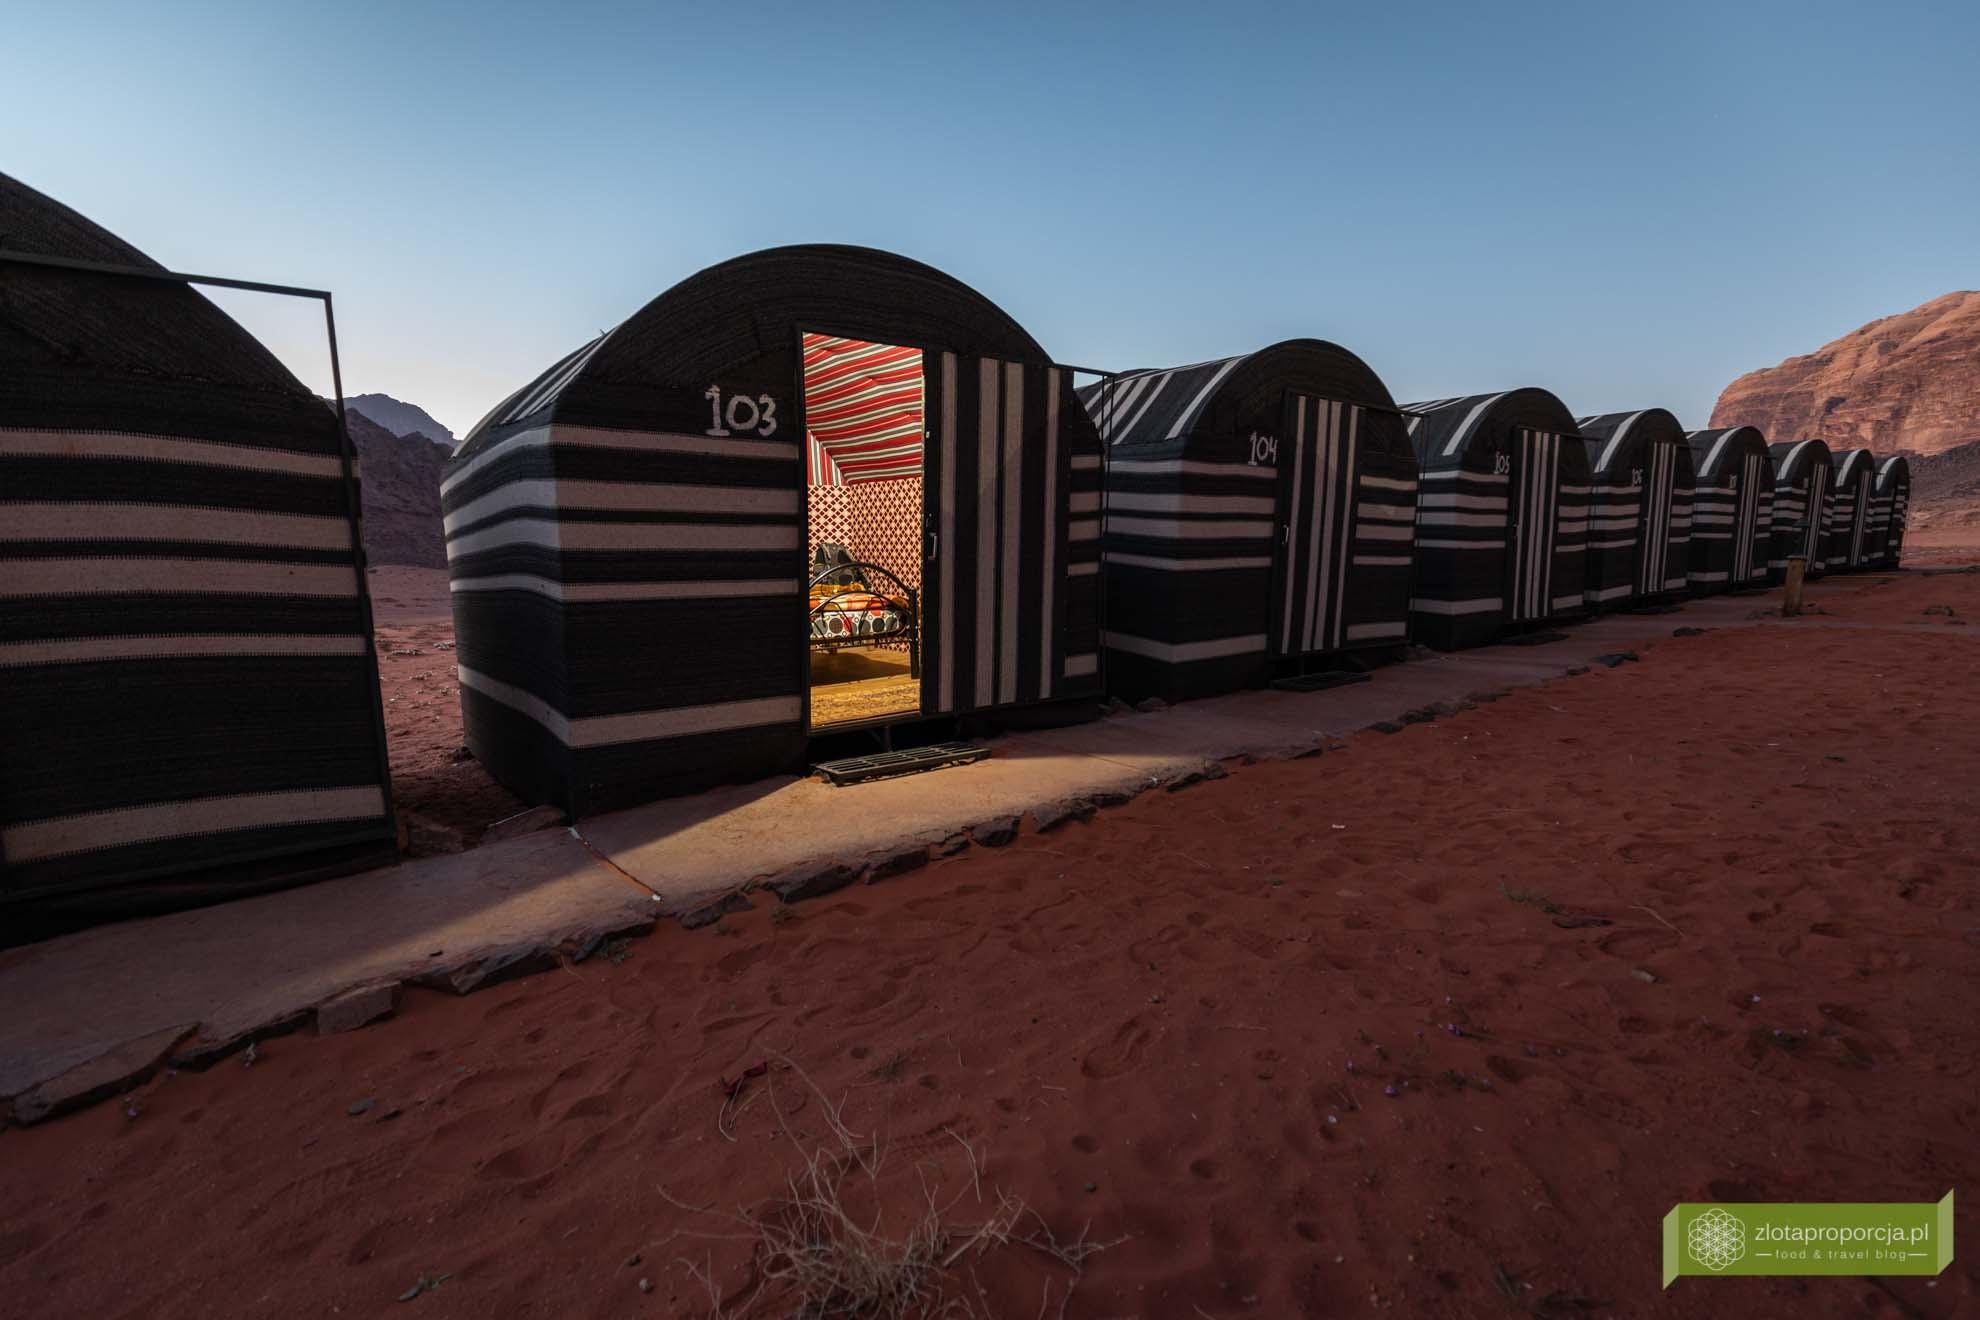 Wadi Rum, pustynia Wadi Rum, Jordania, pustynia Jordania; Wadi rum wycieczka, Wadi Rum zwiedzanie, Jordania atrakcje; Wadi Rum nocleg, Wadi Rum camp; Wadi Rum namiot;